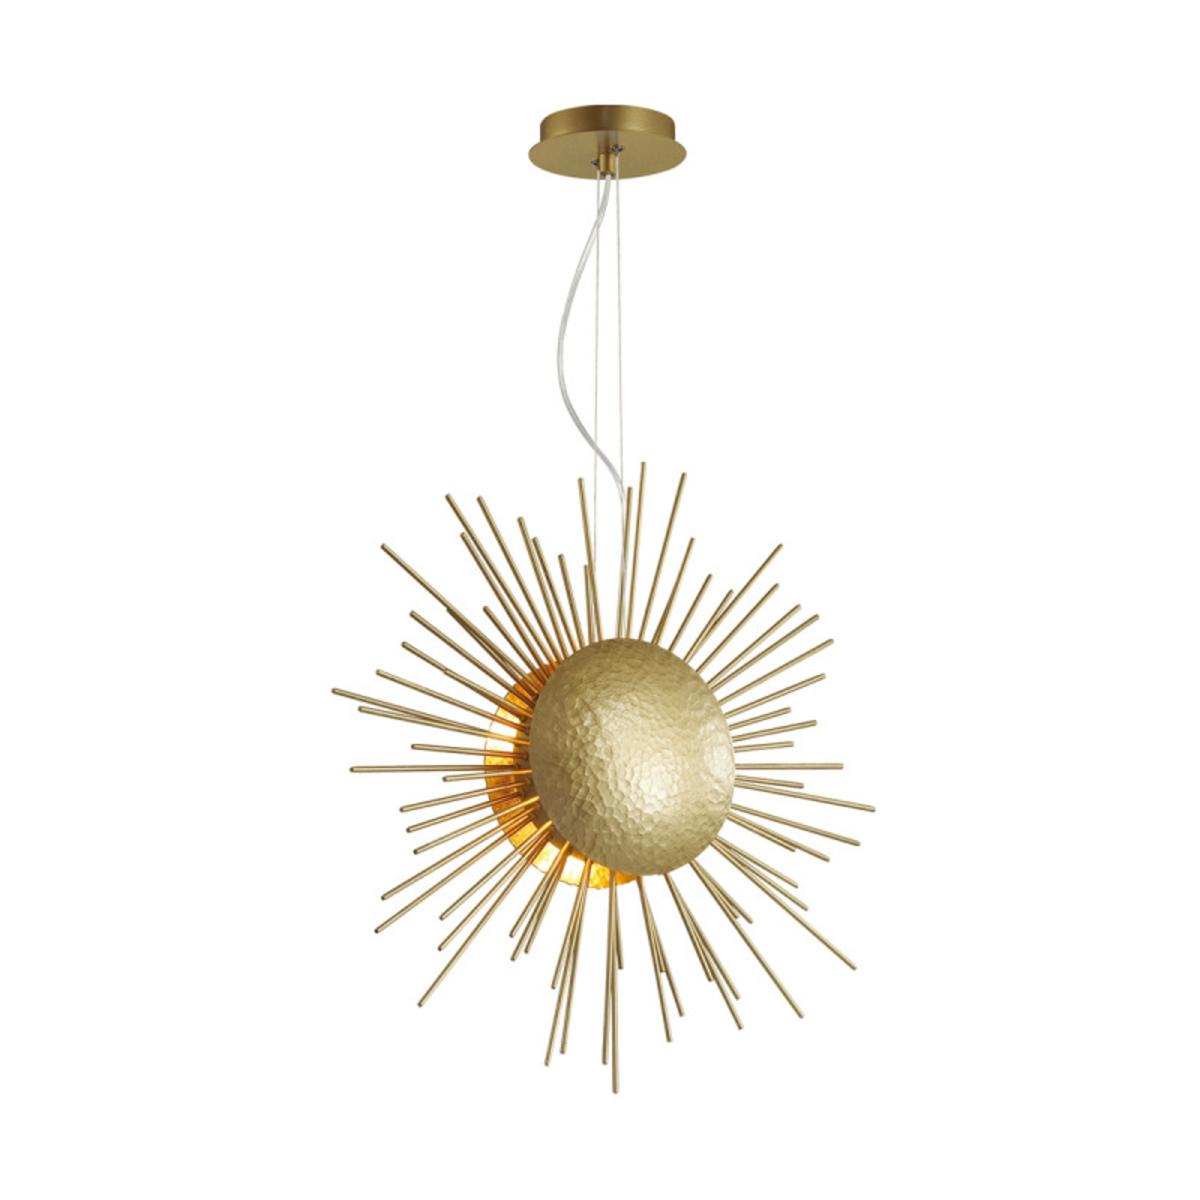 Купить Подвесной светильник SOLE Подвесной светильник Odeon Light 4139/6 (15582), HomeMe